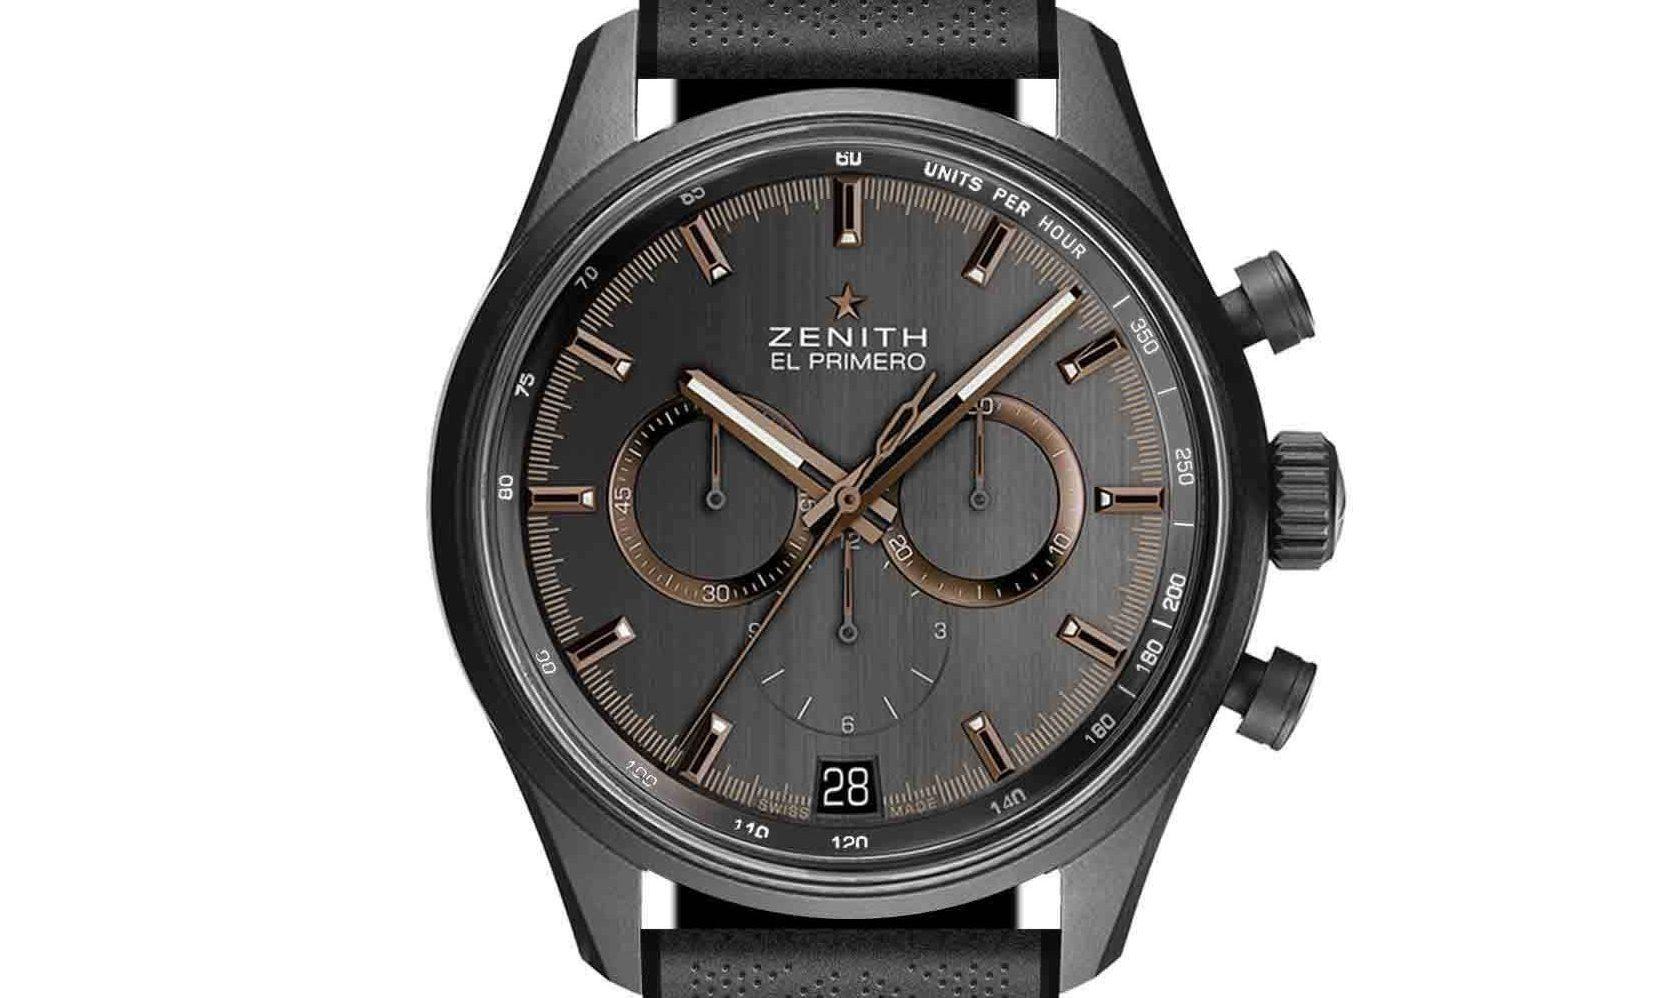 zenith-el-primero-chronomaster-range-rover-velar-ref-24-2042-40027-r799-prezzo-price_0-1004